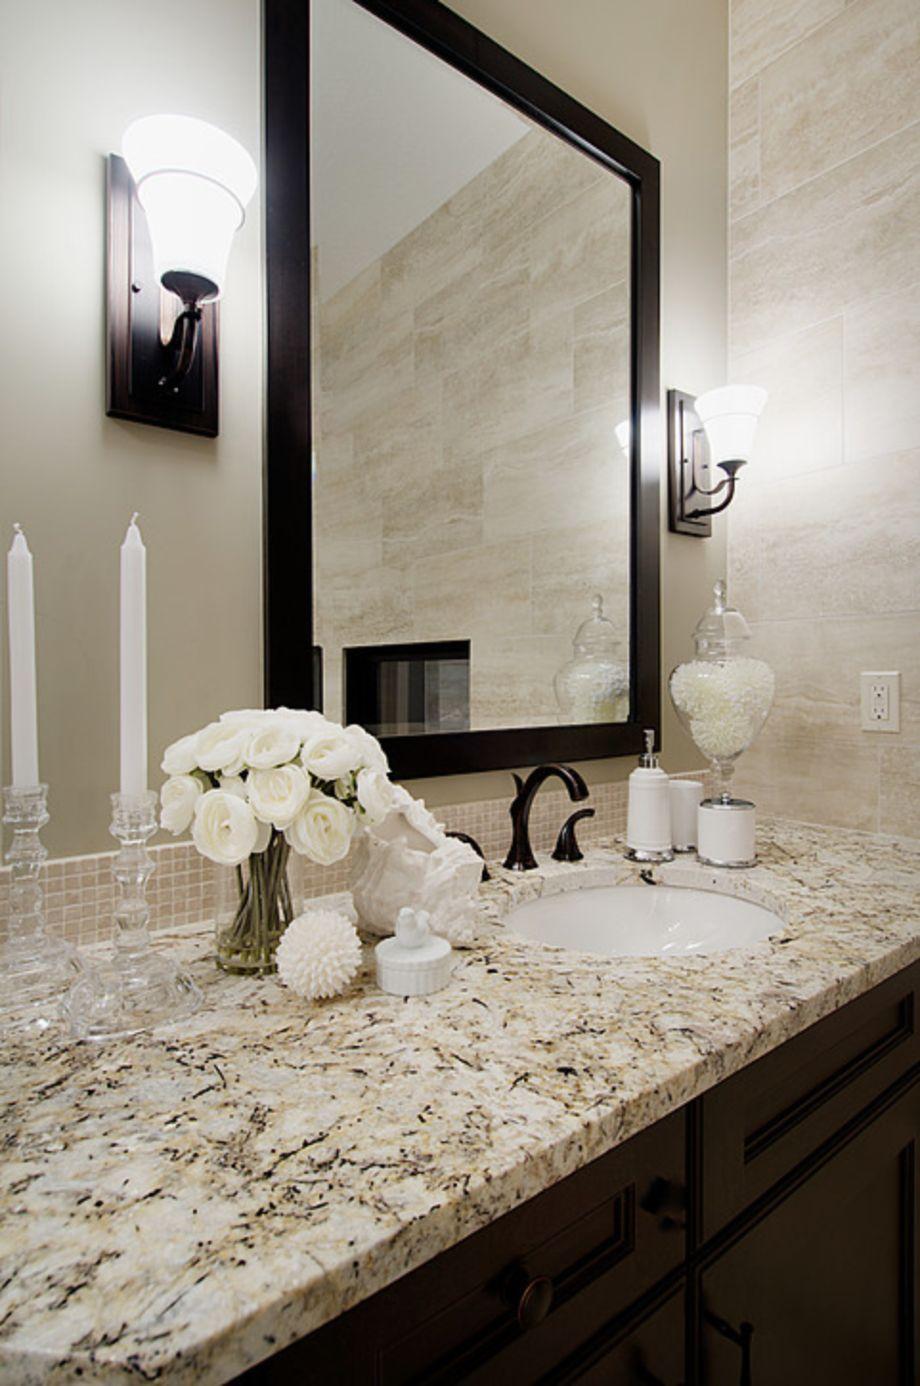 46 Cool Bathroom Counter Organization Ideas | Bathroom ... on Bathroom Ideas With Black Granite Countertops  id=15813